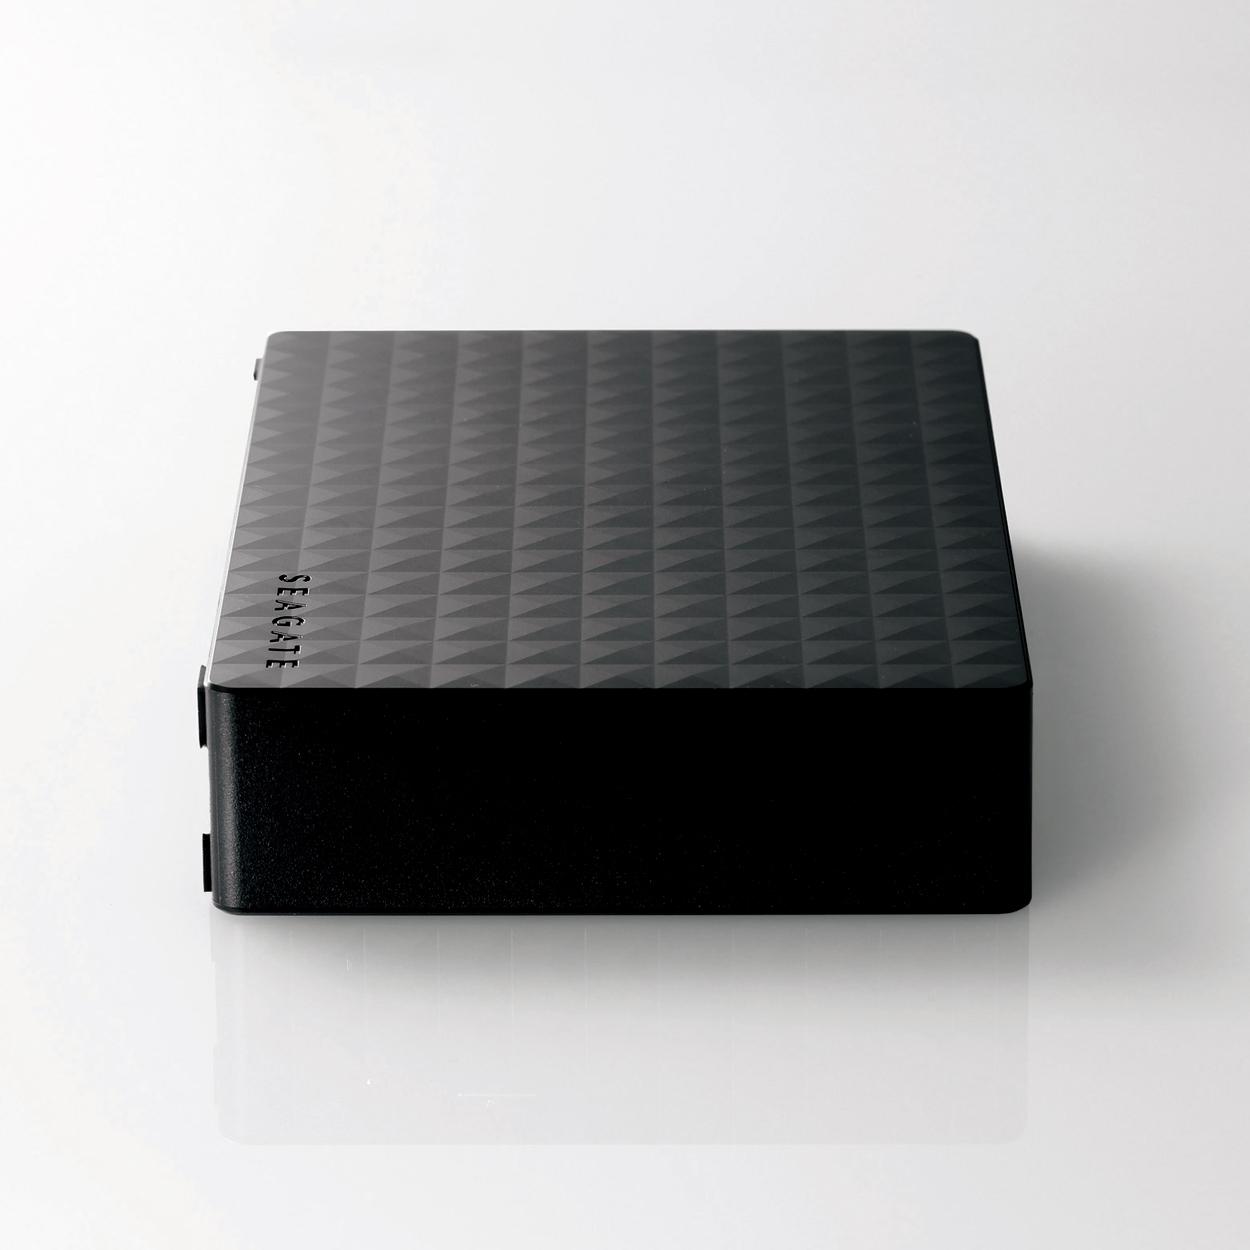 3.5インチHDD MY 6TB(ブラック)